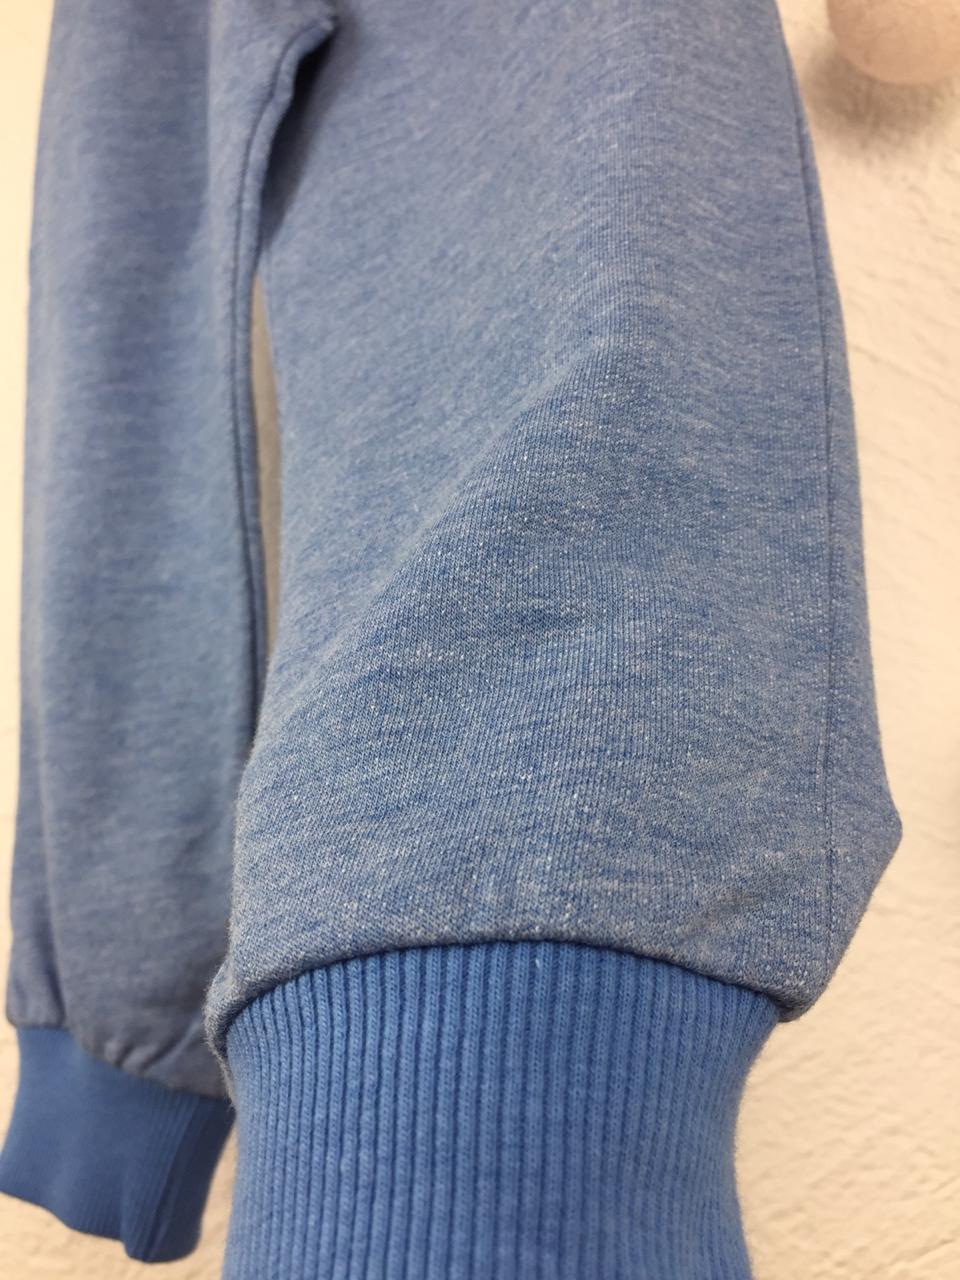 №16046 Св-голуб, чер трико для мальчиков 98-128 см 14322 - фото 1